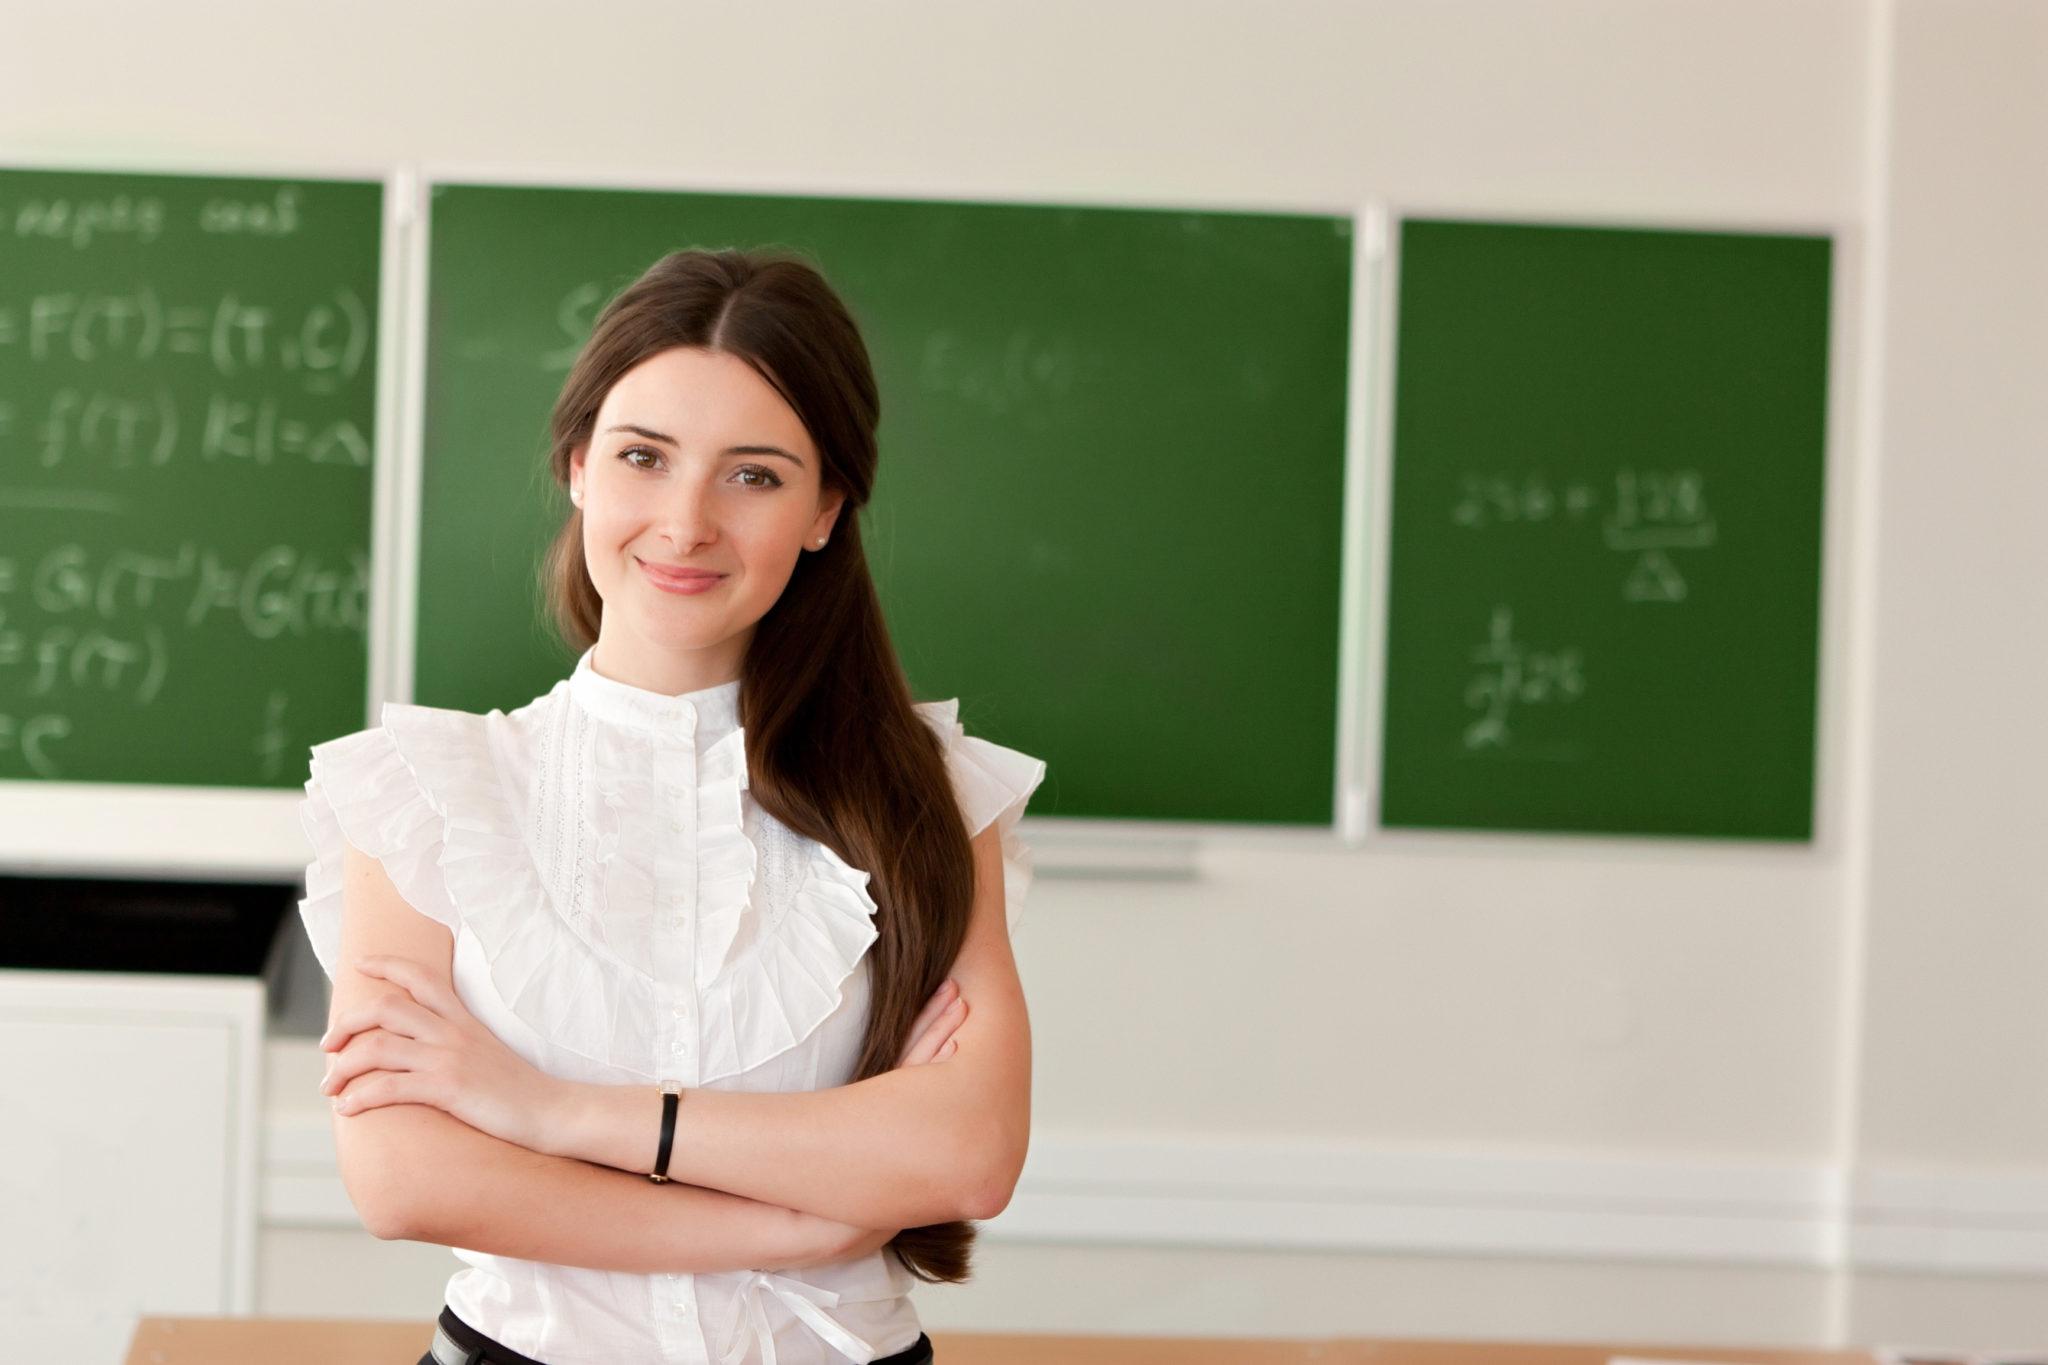 ¿Cuáles son los Salarios de los Profesores en UK? ¿Cuánto cobra un Profesor en Inglaterra? Si quieres Trabajar como Profesor en Inglaterra ¡te ayudamos!